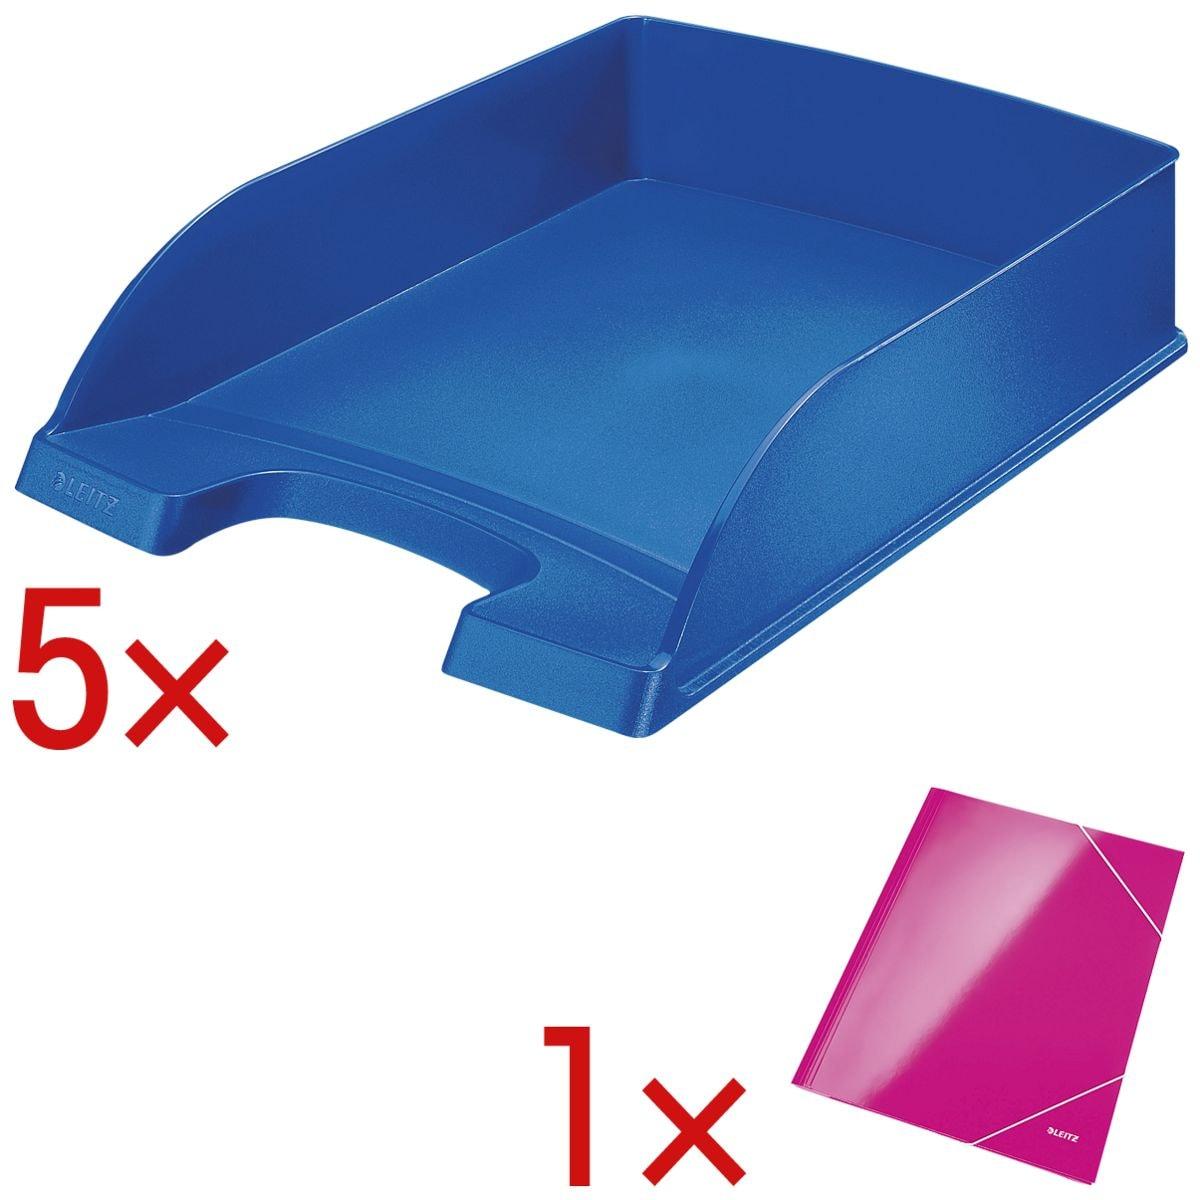 5x LEITZ Briefablage 5227, A4 Polystyrol, stapelbar bis 12 Stück, inkl. Eckspannermappe »Wow«